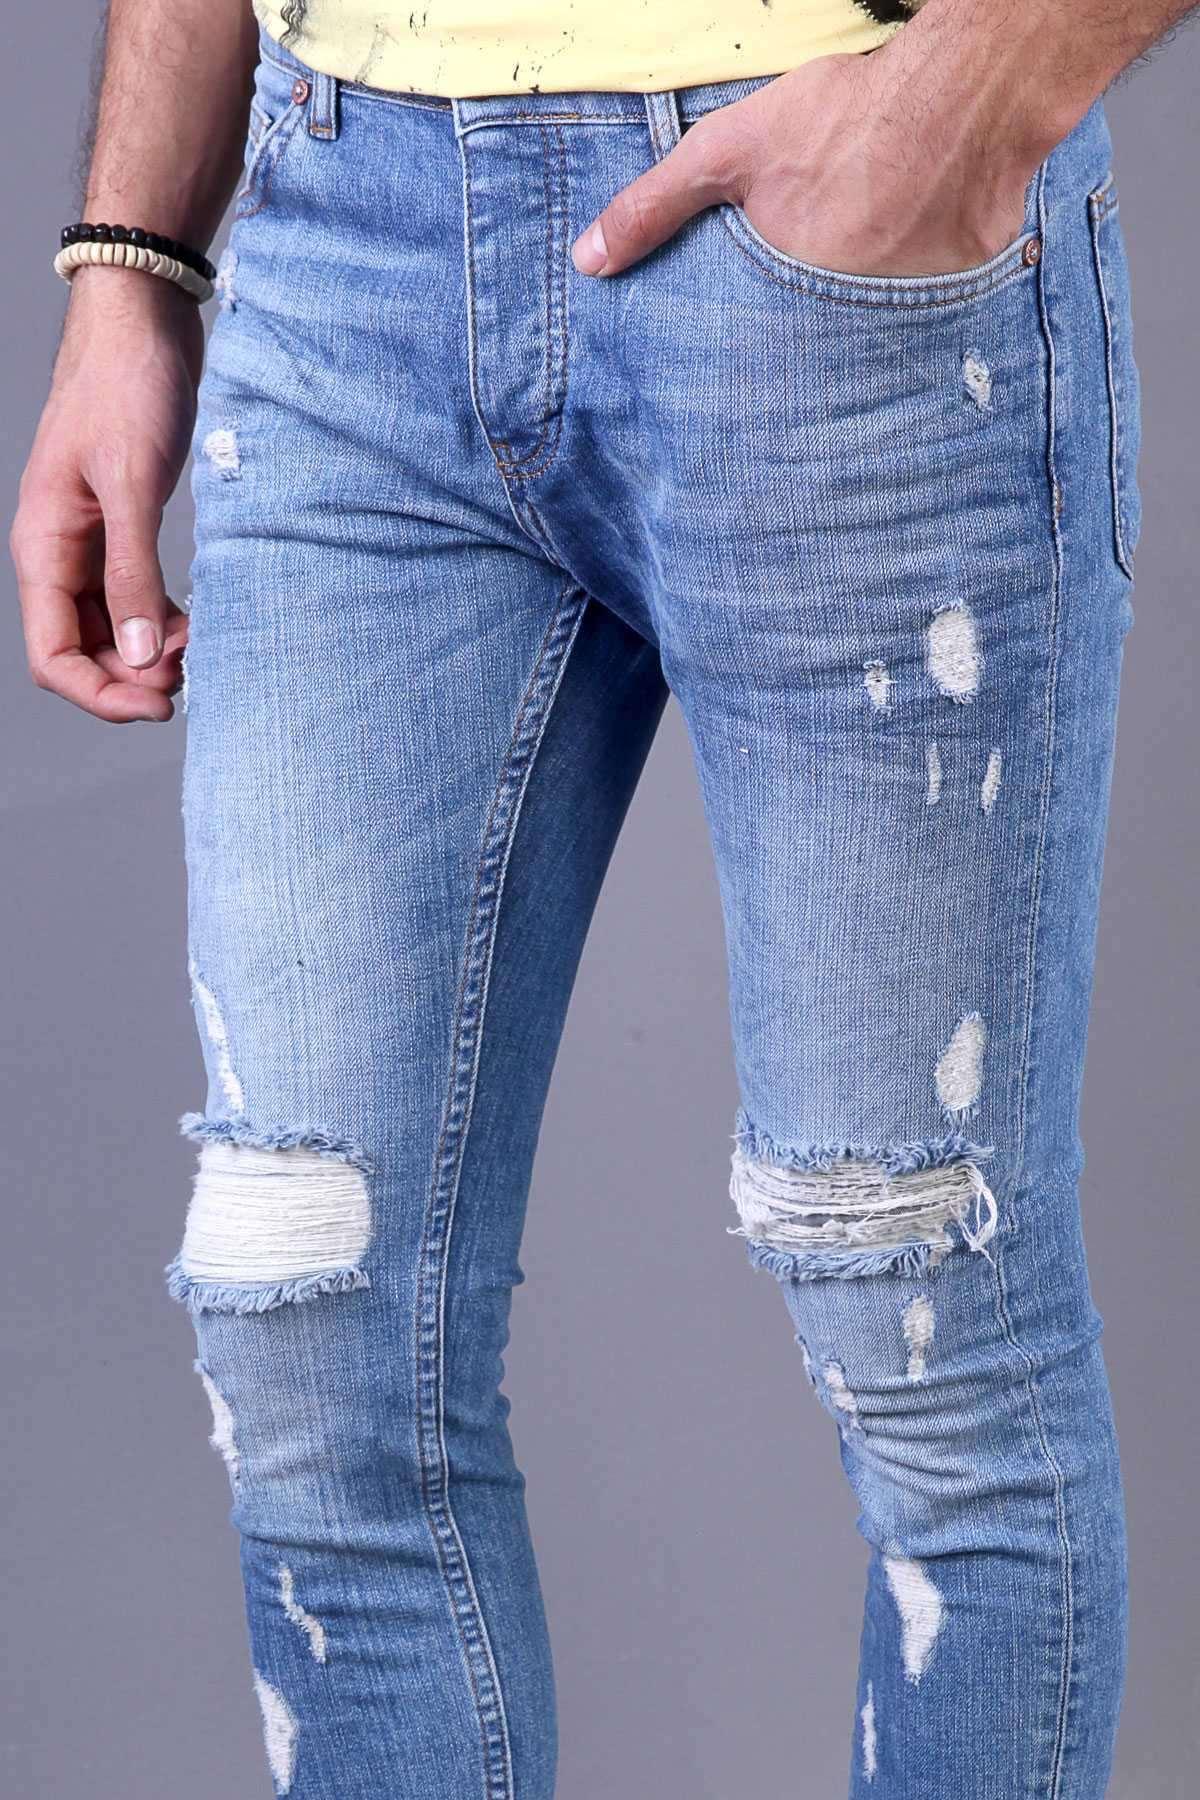 İp Yamalı Bilek Boy Slim Fit Kot Pantolon Mavi